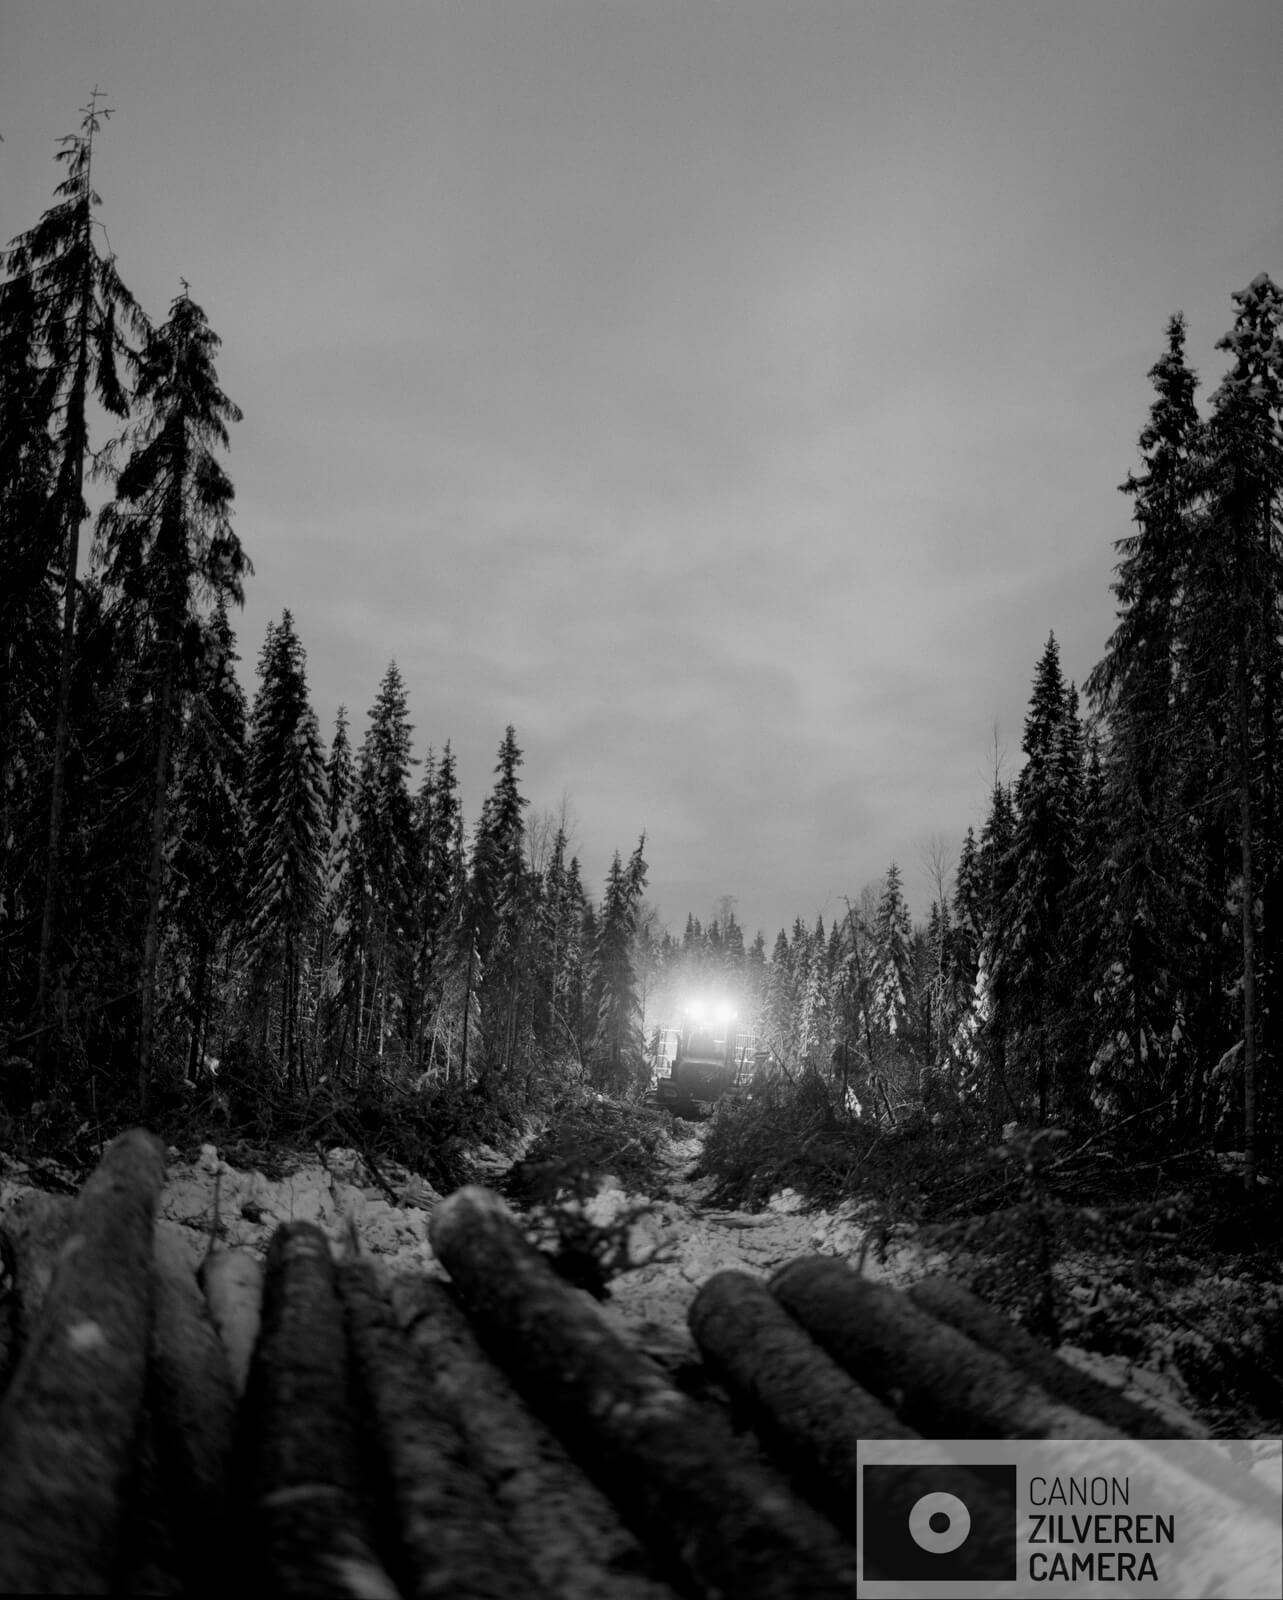 08/12  Borealis / Berdyshikha, Rusland, maart 2018  Het boreale woud is de grootste vegetatiezone op aarde en beslaat zo'n 29 procent van het totale bosgebied. Met een oppervlakte van negen miljoen vierkante kilometer is het flink groter dan het Amazone -regenwoud. Met name in Rusland is sinds de val van het communisme de ontbossing enorm toegenomen. Boreale bossen zetten op grote schaal koolstofdioxide om in zuurstof. Een gemiddelde boom produceert in honderd jaar genoeg zuurstof om een persoon twintig jaar van te laten ademen. Het tropisch regenwoud en het boreale woud vormen samen de longen van onze aarde. Toch is minder dan twaalf procent van deze bossen beschermd gebied. De bomenwereld is door de klimaatverwarming in verandering. Vooral in het hoge noorden zijn die veranderingen merkbaar. Zo kwam de temperatuur vorig jaar in delen van arctisch Rusland 6 á 7 graden boven het gemiddelde.  Gennady Tugushin woont in het dorp Berdyshykha diep verscholen in het eindeloze Russische boreale woud. Het dorp is leeggelopen, zoals vele dorpen in Rusland, alleen Gennady woont er nog samen met zijn vrouw. Gennady heeft zijn hele leven voor het lokale houtbedrijf gewerkt. Ze leveren hout aan een van de grootste papierfabrieken van Europa. Gennady is gepensioneerd maar werkt nog steeds voor het bedrijf om zijn magere pensioen wat aan te vullen.